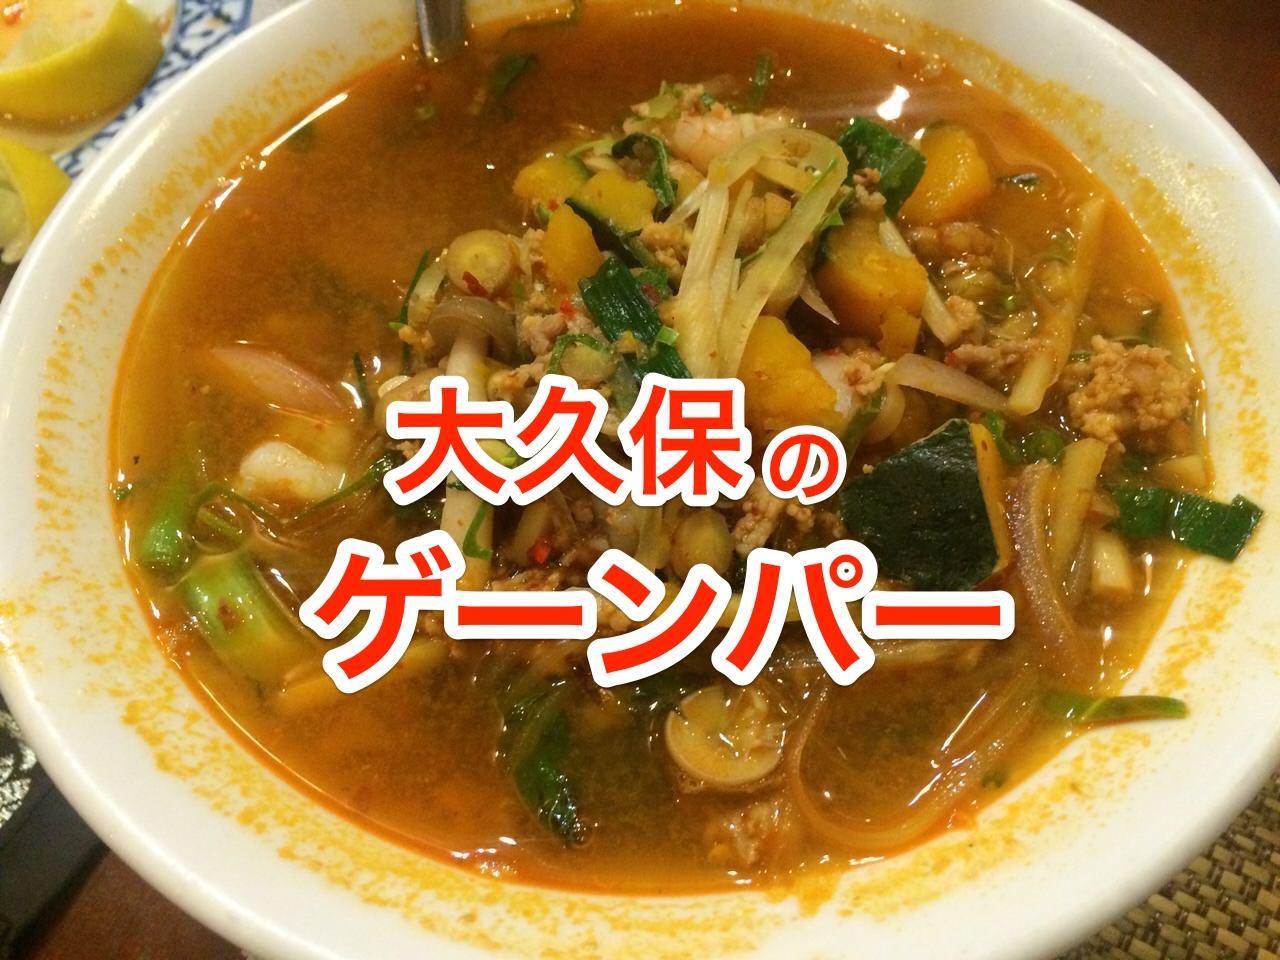 【激辛】新大久保の老舗タイレストラン・クンメー1の「ゲーンパー」の破壊力がやばい!